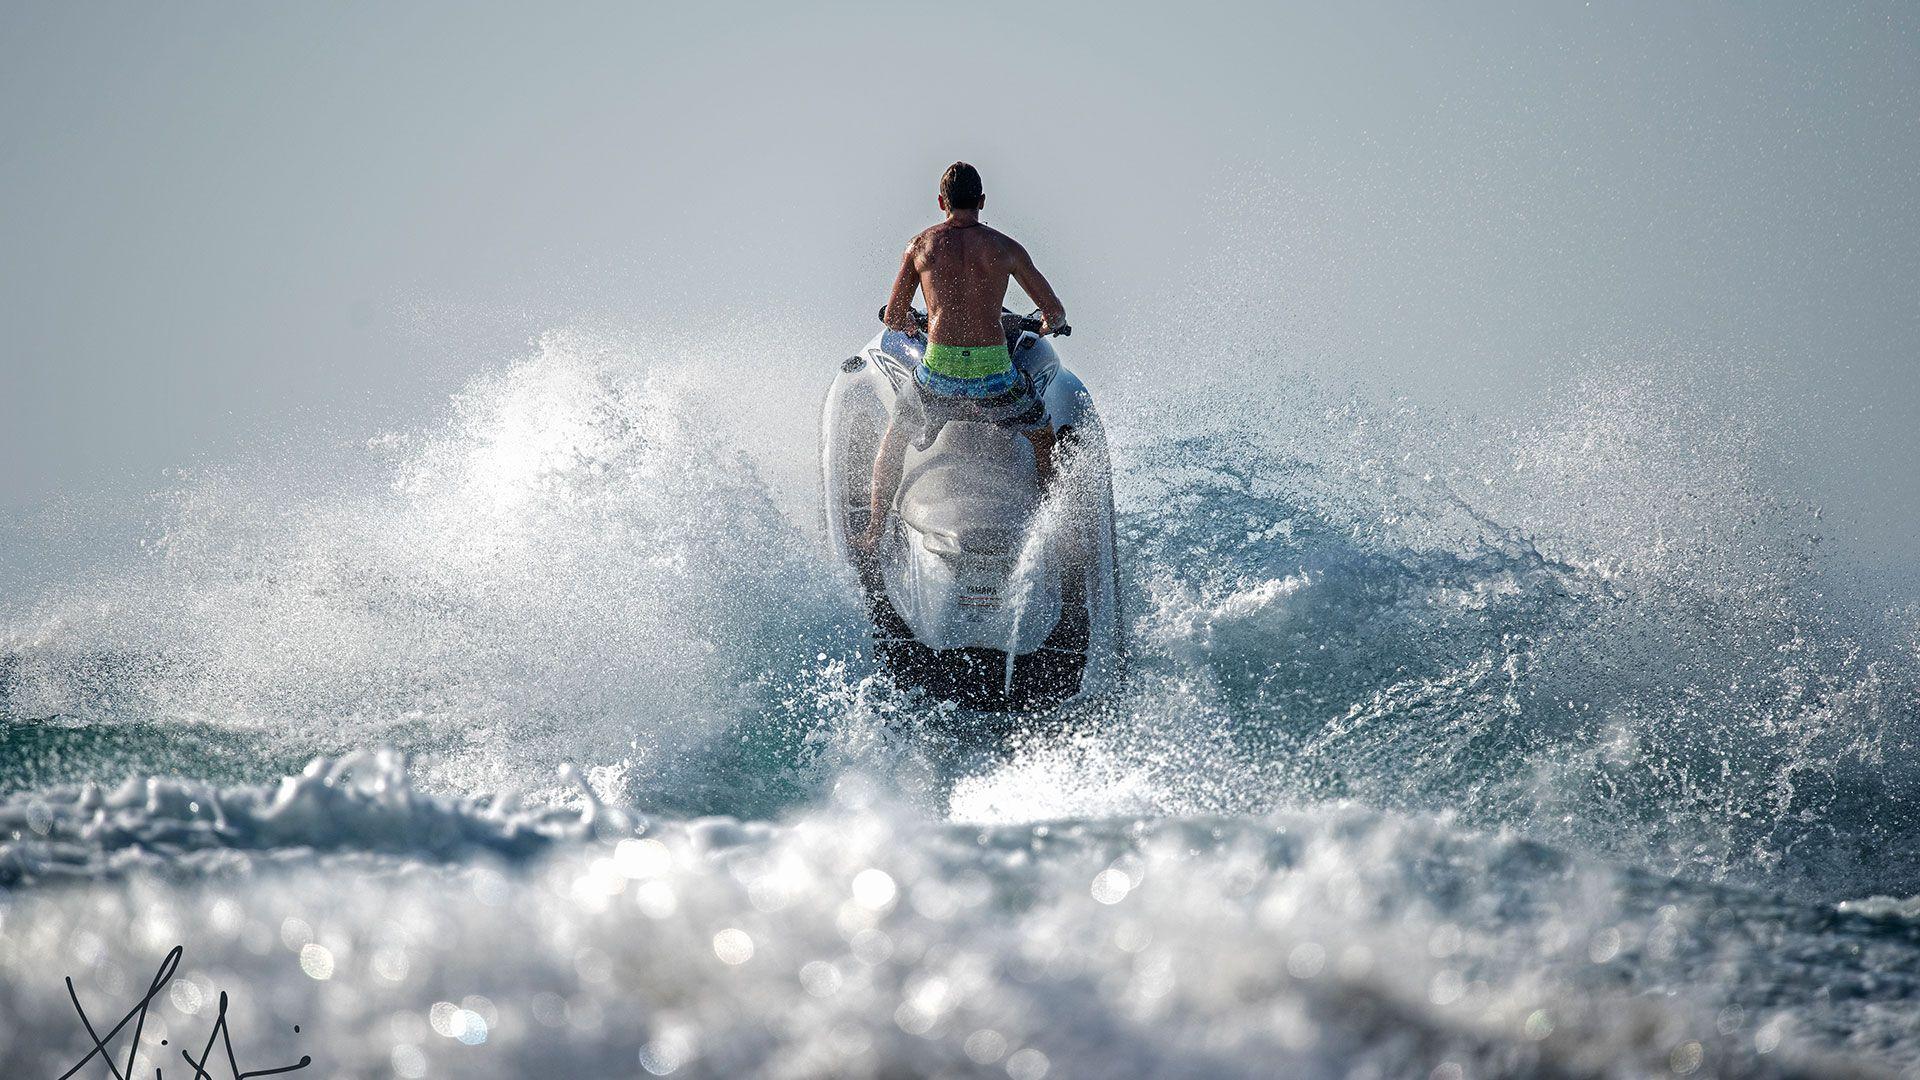 jb-jet-ski-windsurfersworld-windsurfing-ixia